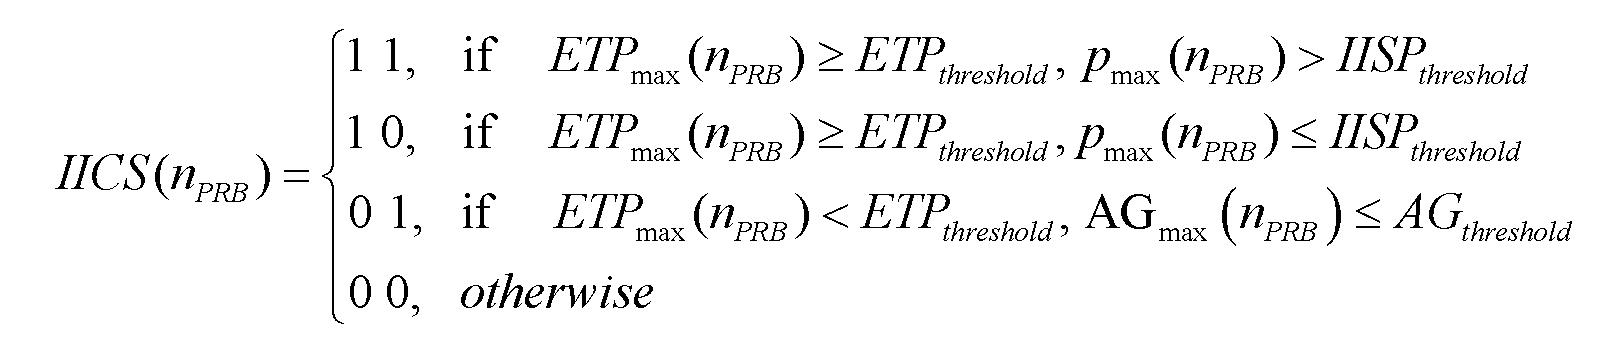 Figure PCTKR2014011052-appb-M000008